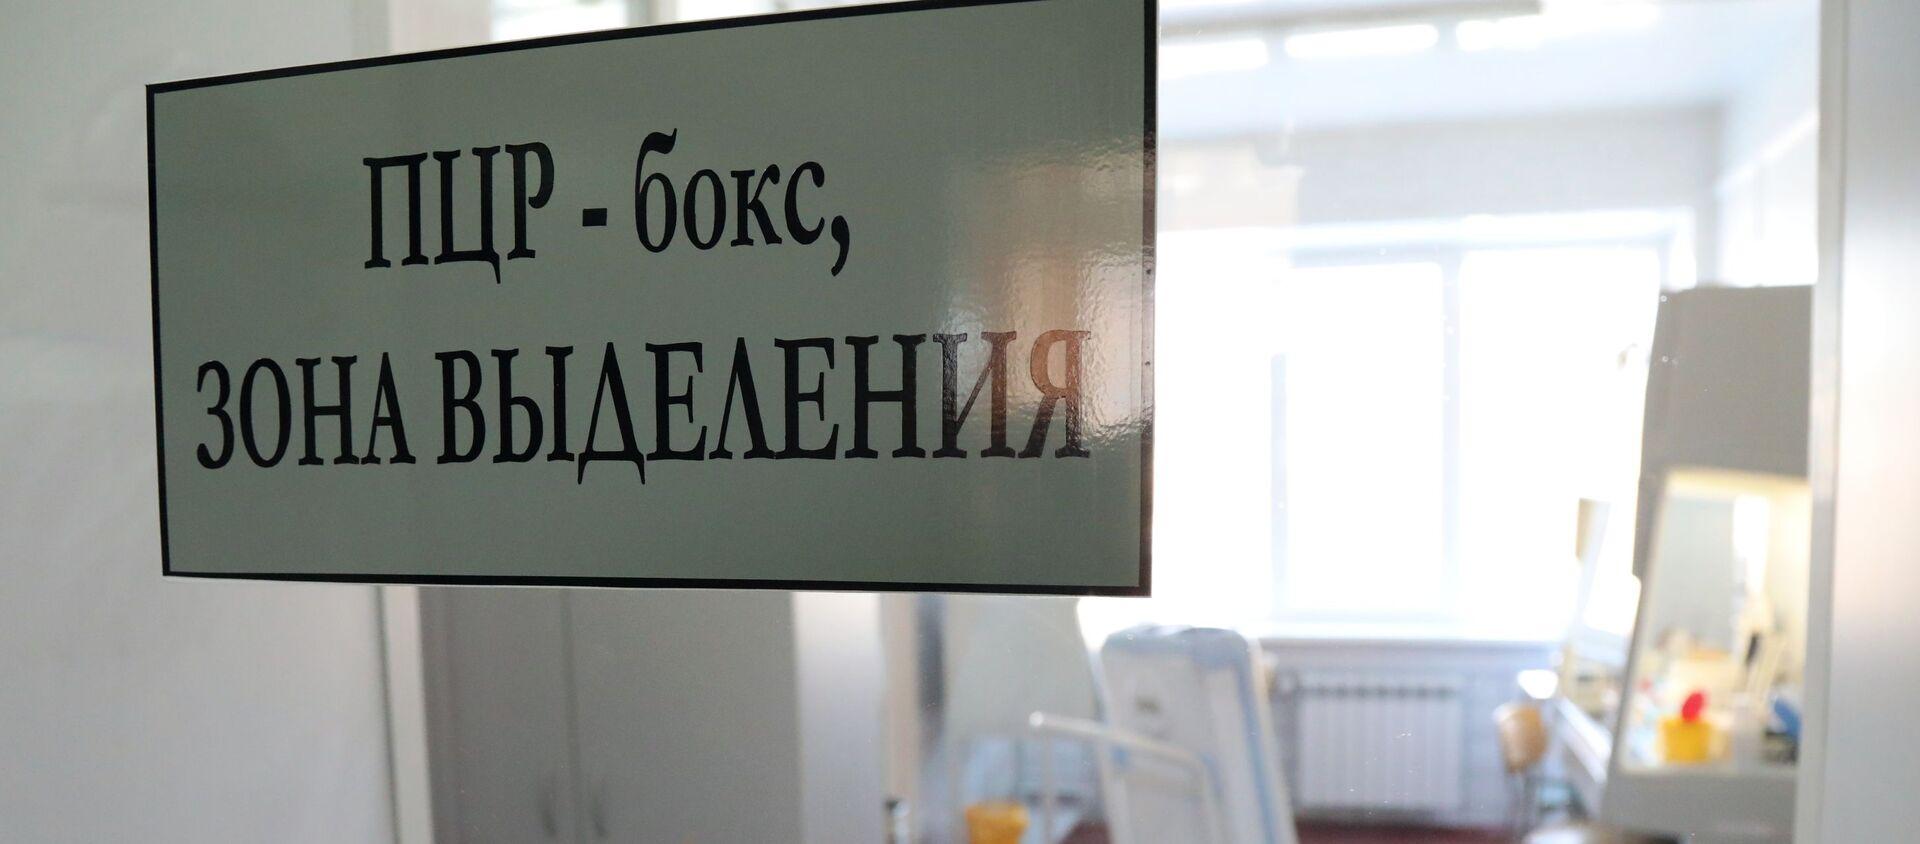 Лаборатория для тестирования на коронавирус. Архивное фото - Sputnik Южная Осетия, 1920, 29.09.2021